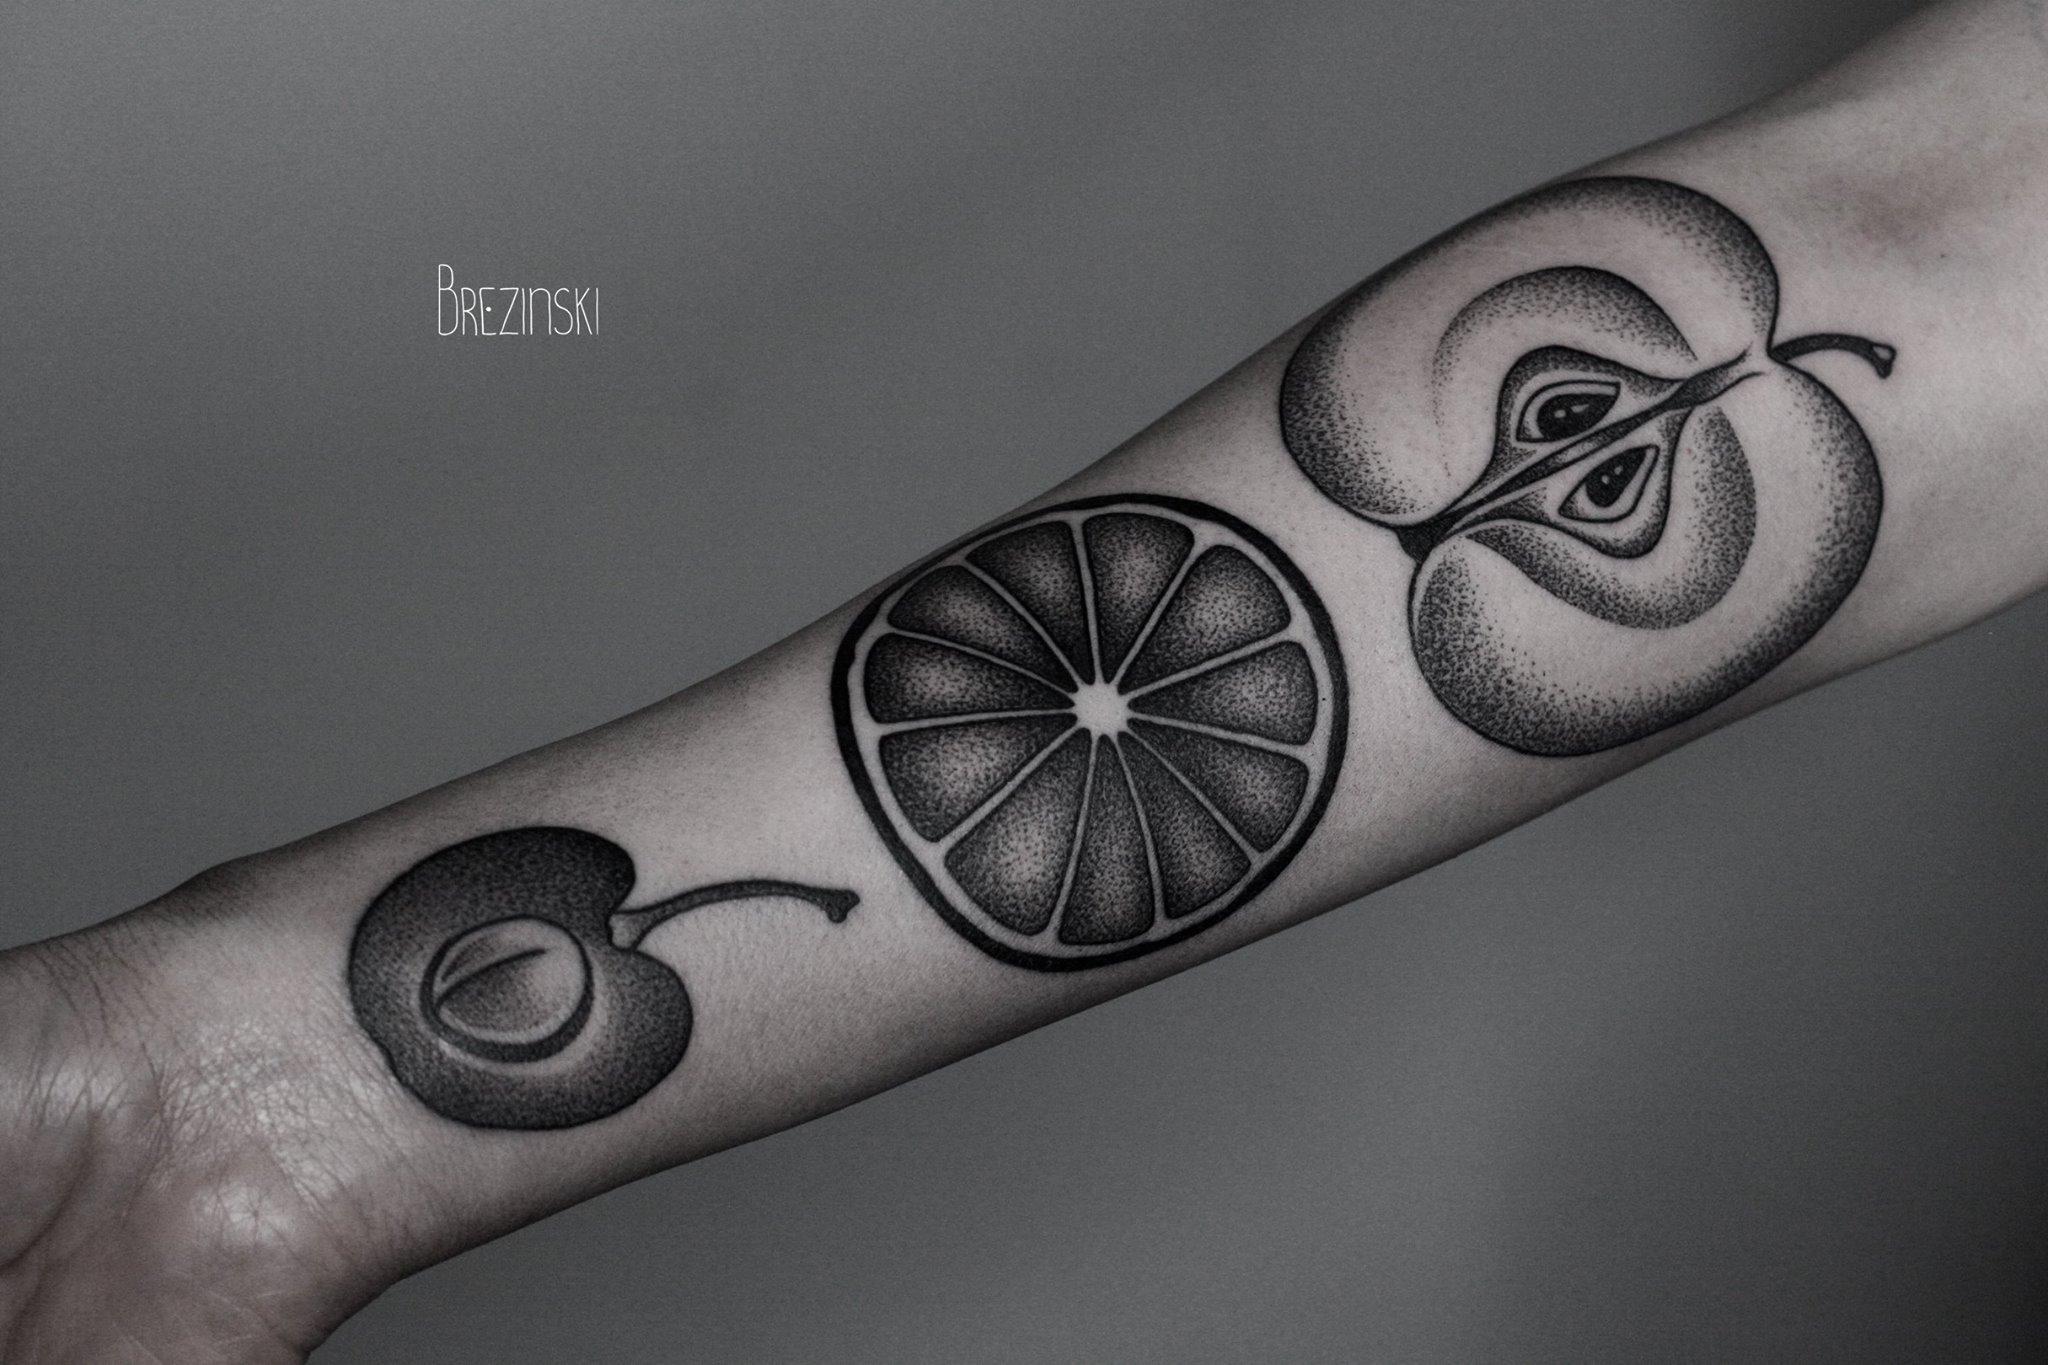 Ilya BREZINSKI Toe Loop Tattooing - Surreal black ink tattoos by ilya brezinski